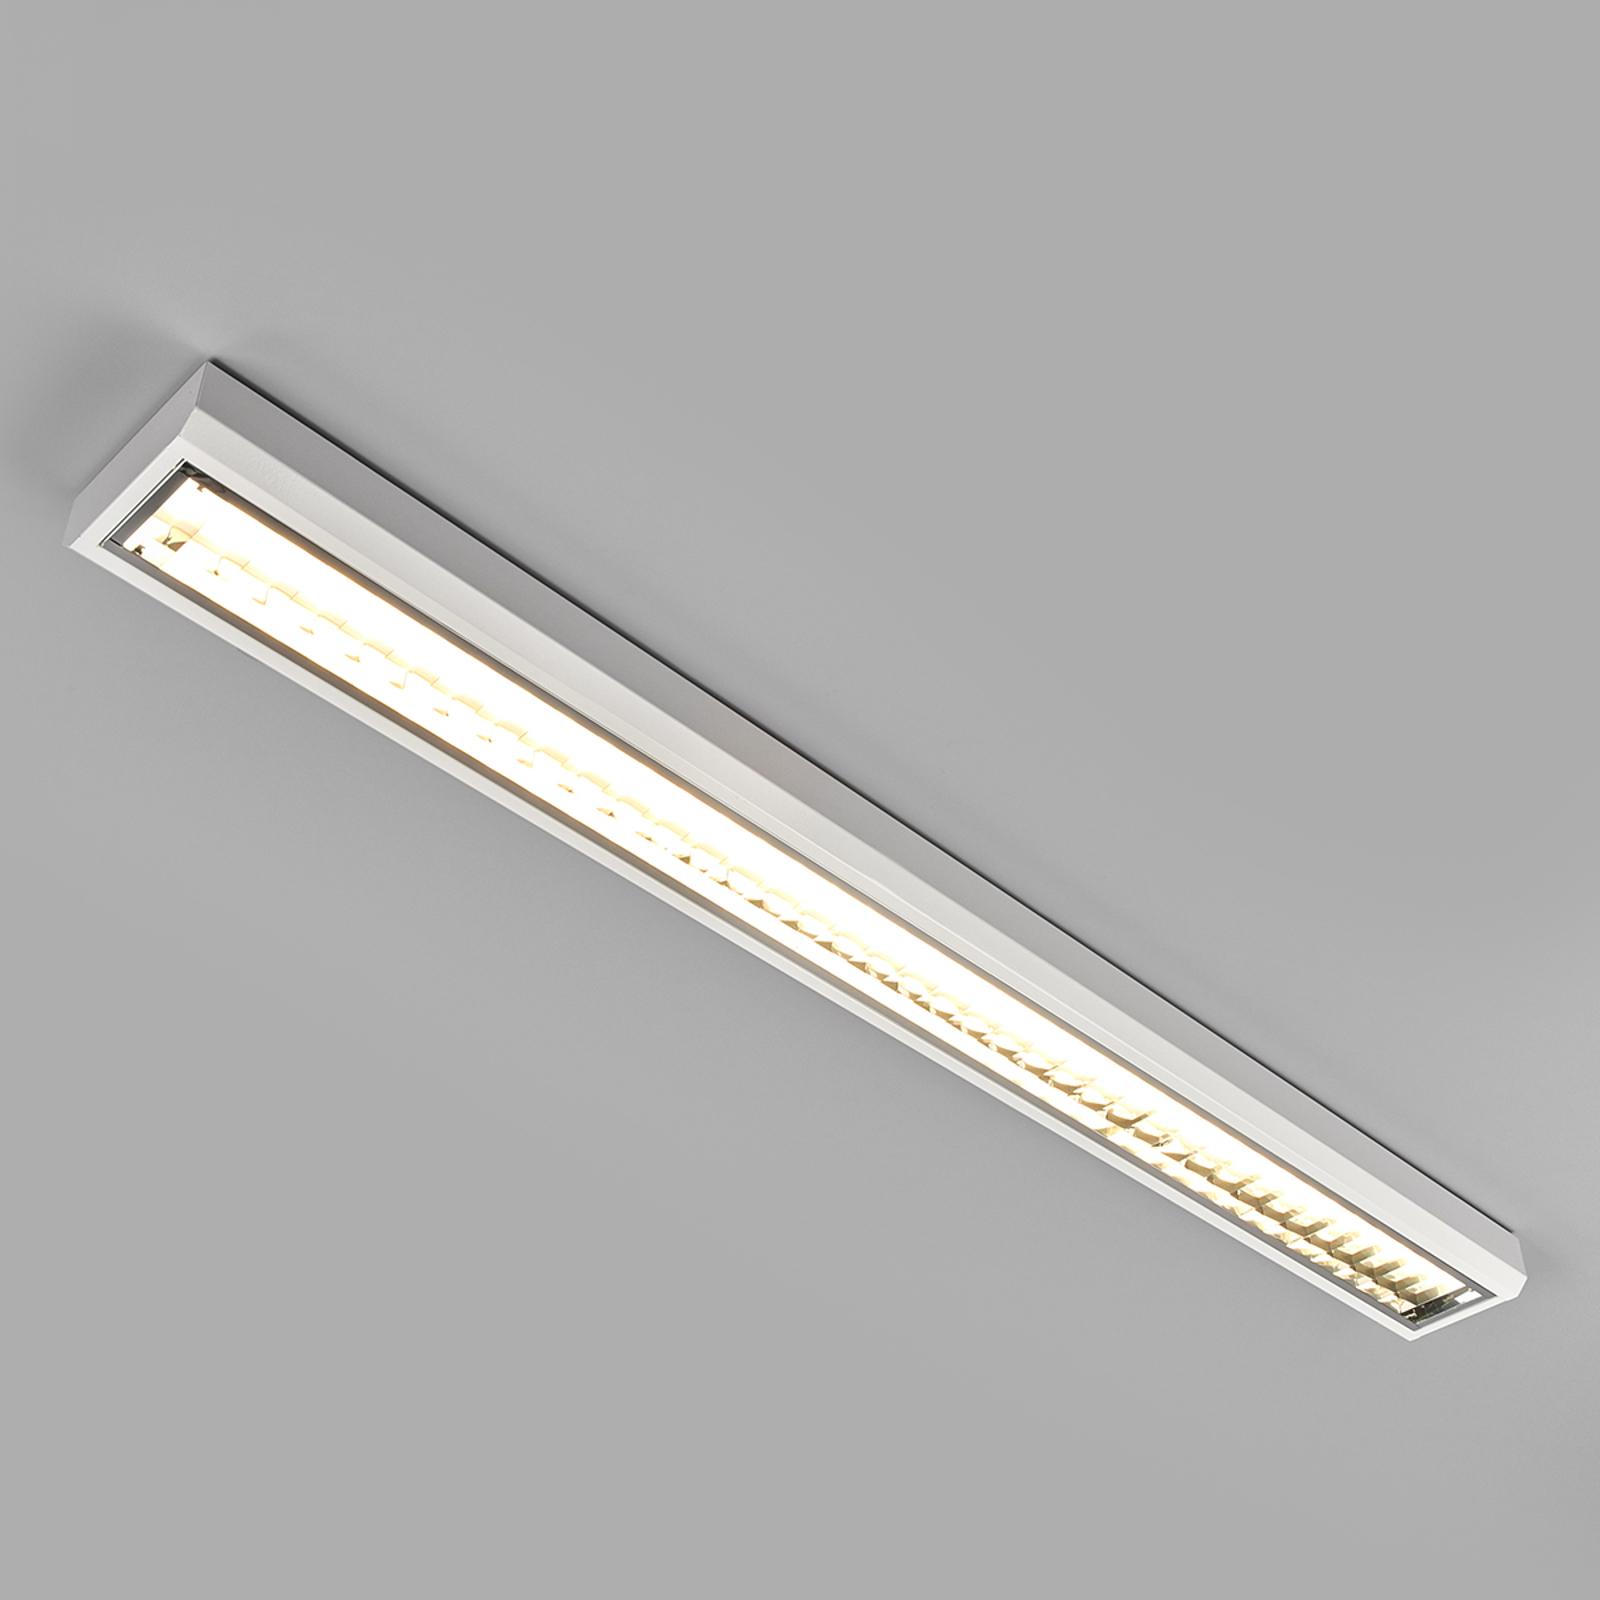 LED-rasterlampe påbygg til kontorer, 33 W, 4000 K